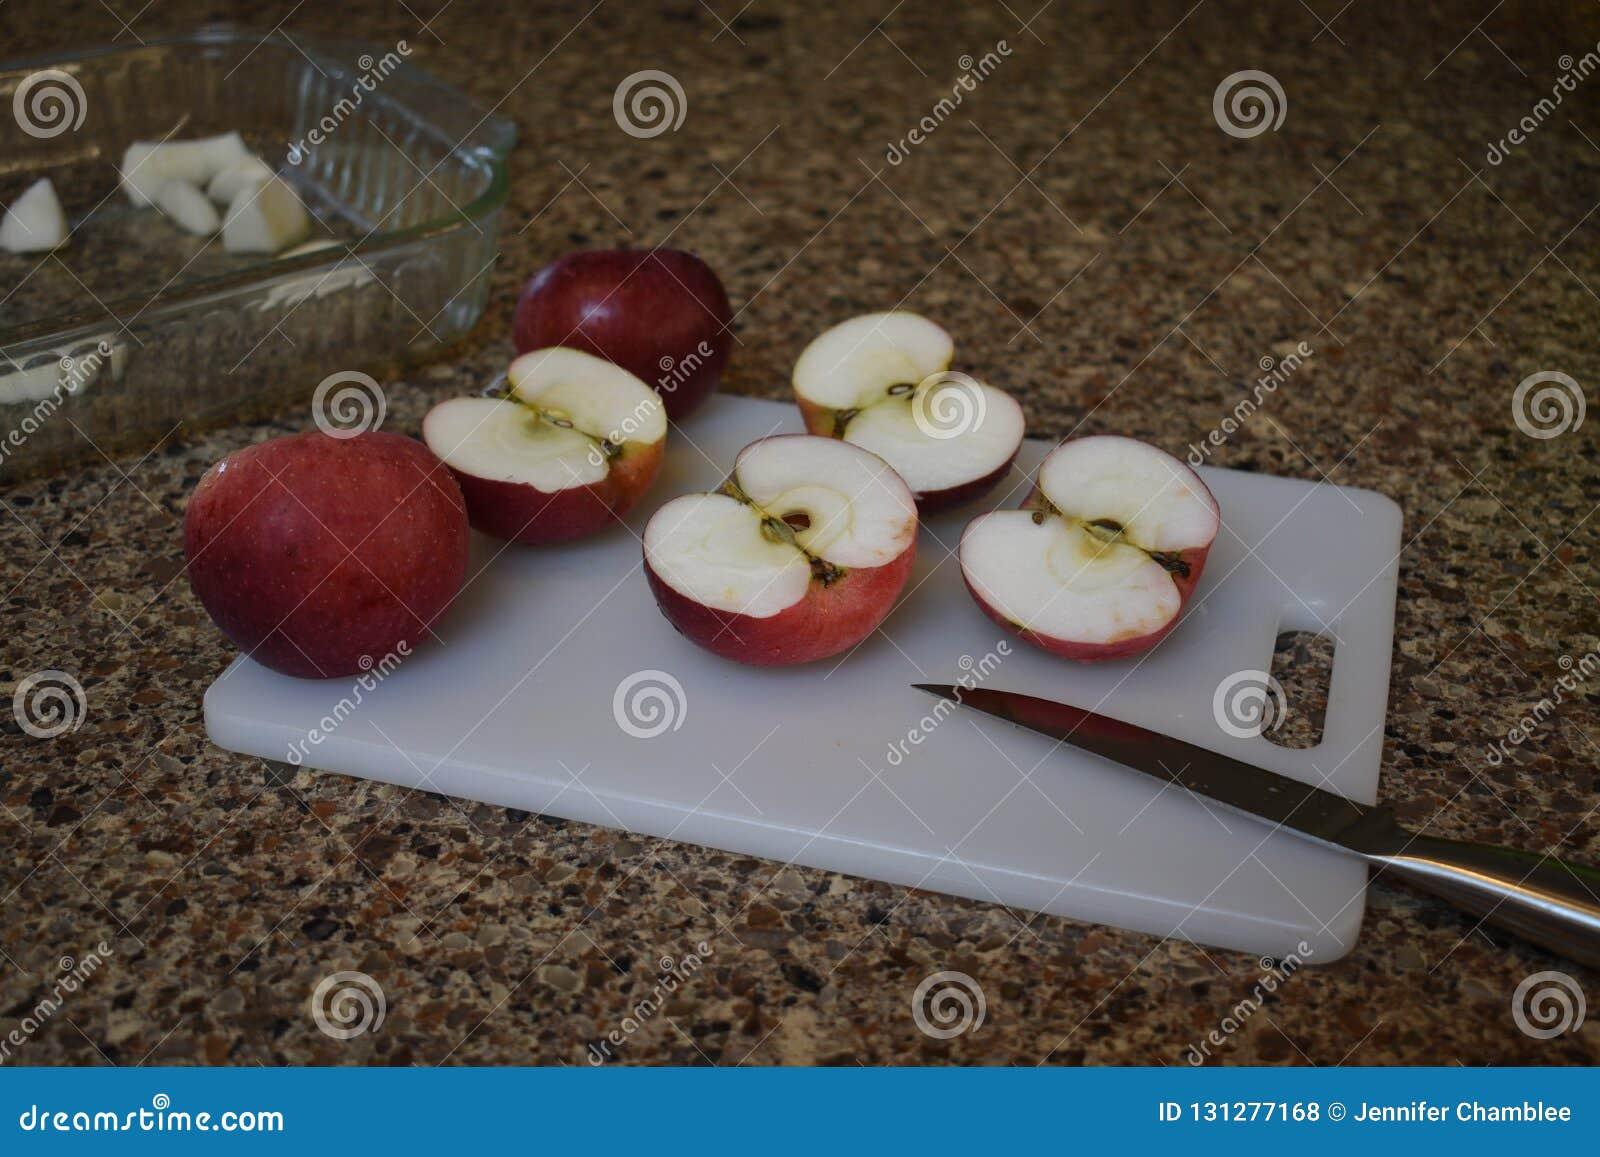 Rote Äpfel auf einem Schneidebrett, zum Bestandteile in einer Torte oder in einem Schuster im Herbst zu sein